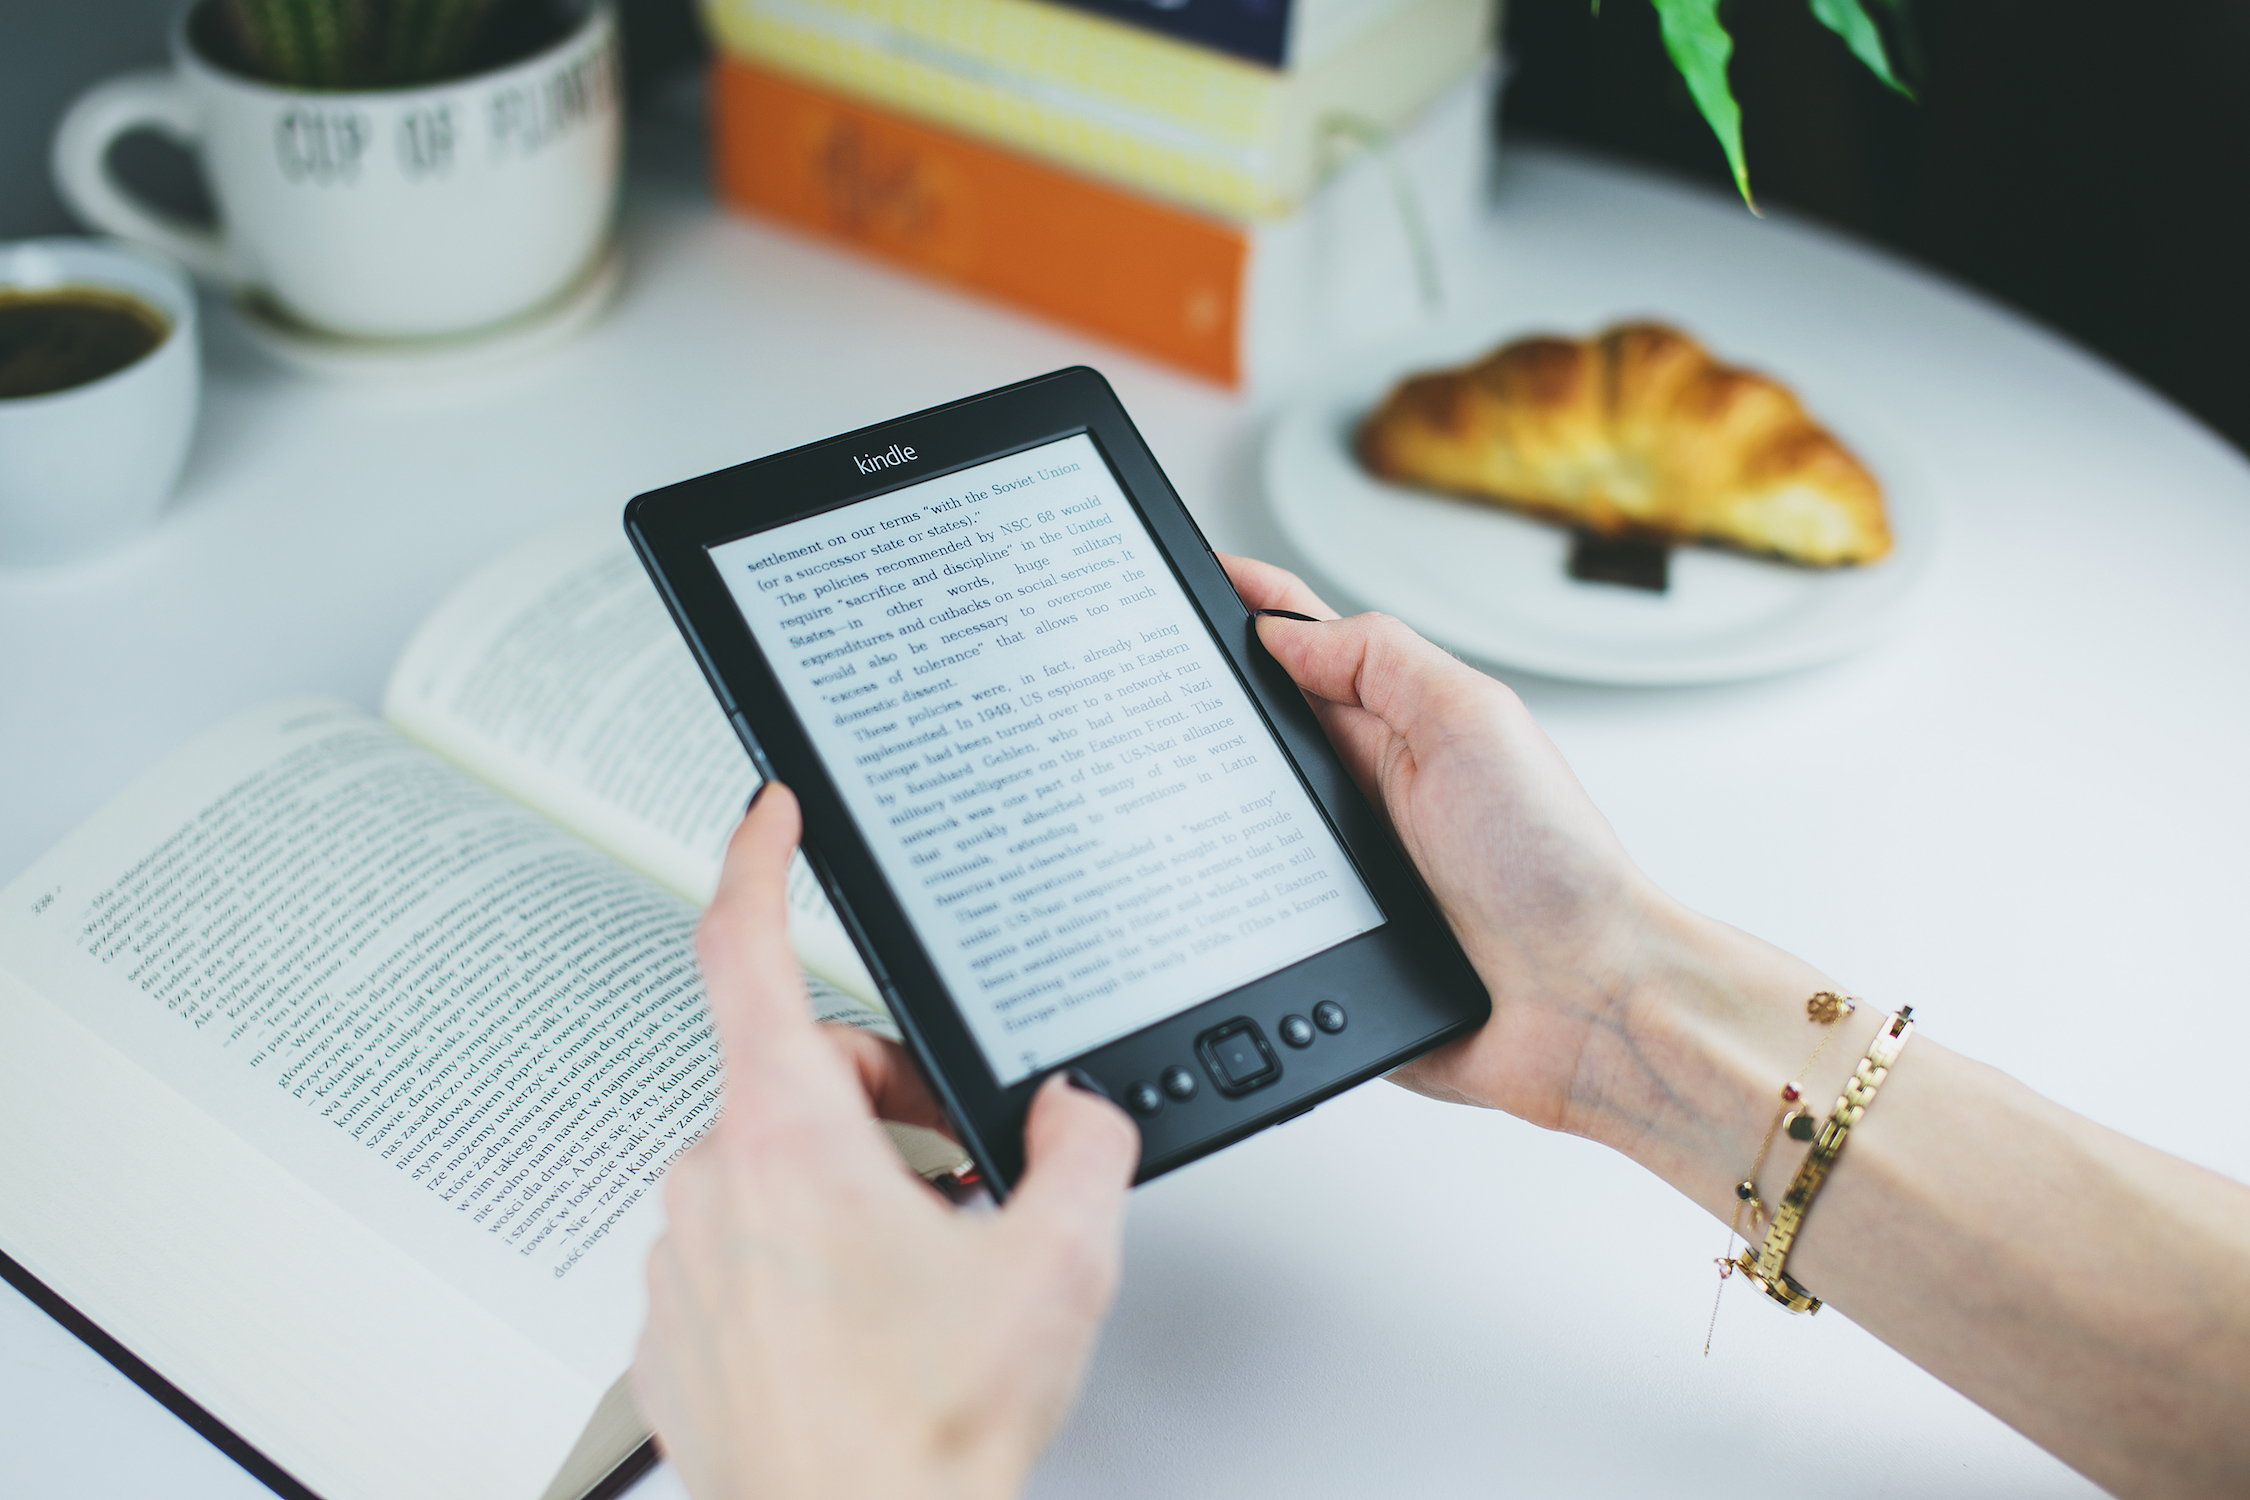 Für Kindle und zahlreiche andere E-Book Reader erhältlich. Foto: © pexels.com, 2017